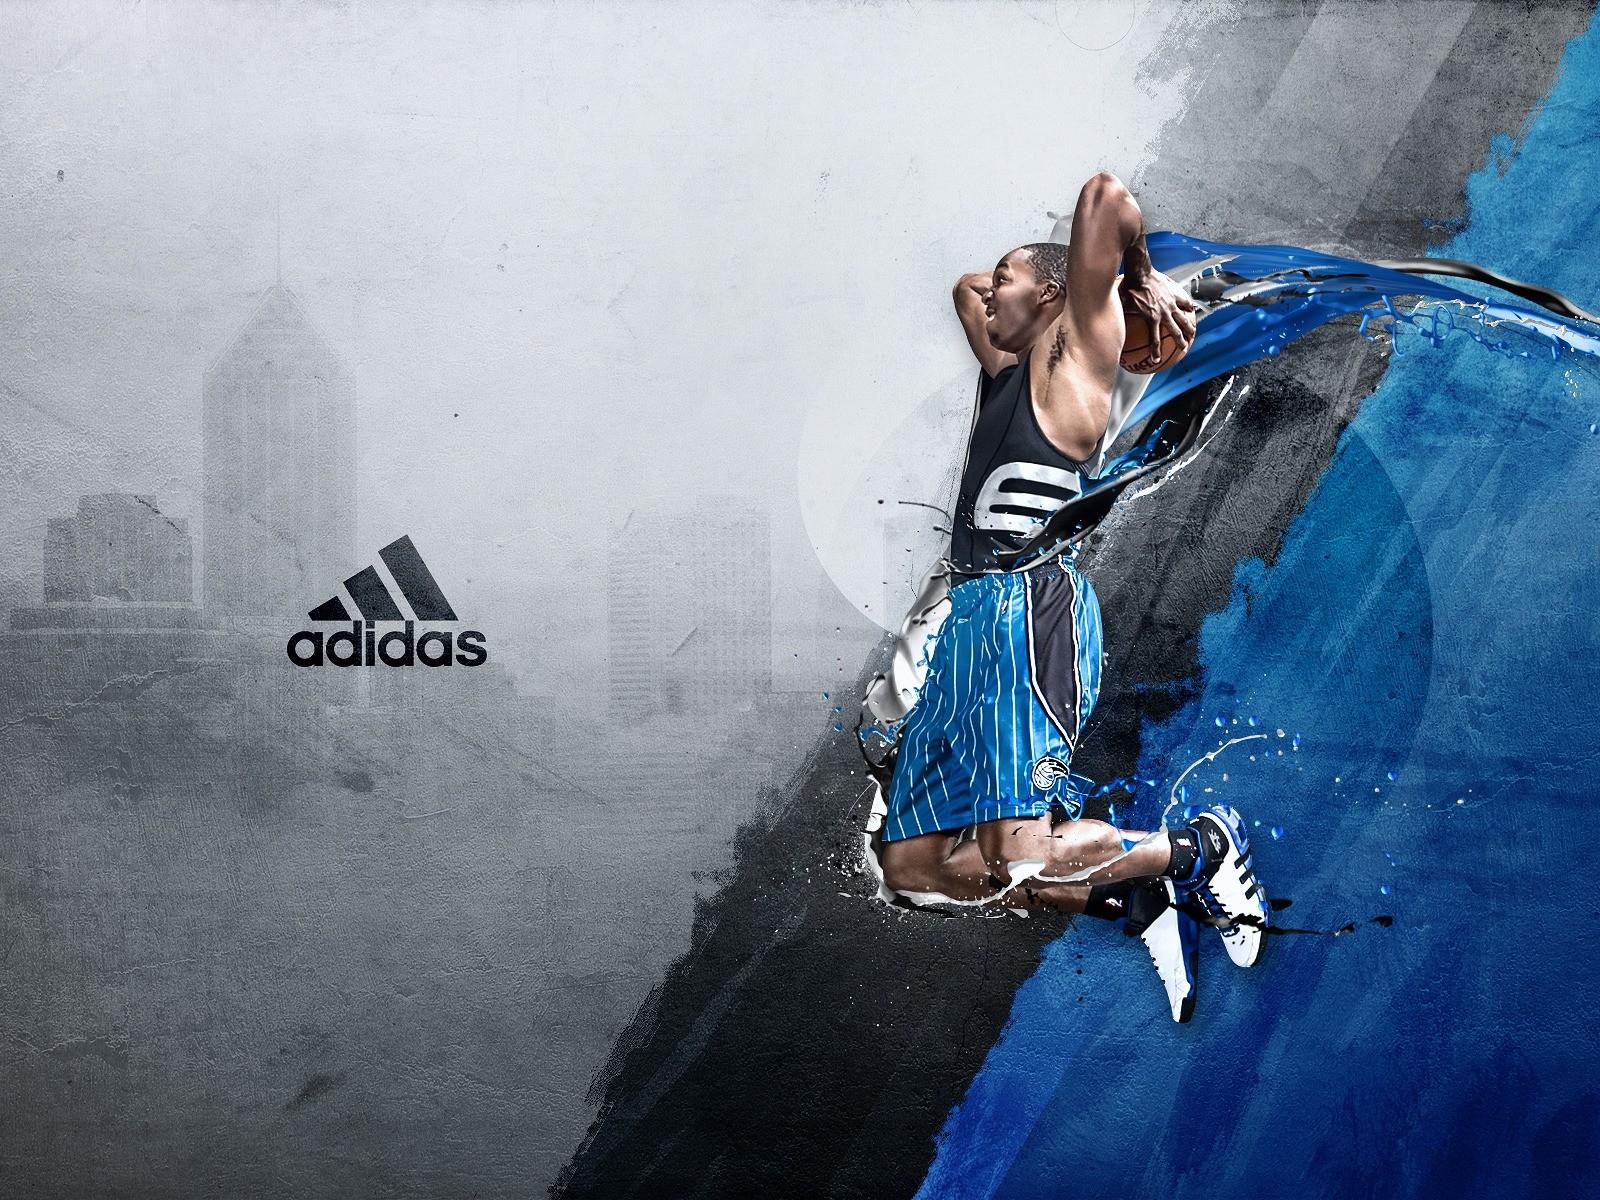 basketball wallpapers hd mavericks basketball wallpapers hd basketball 1600x1200